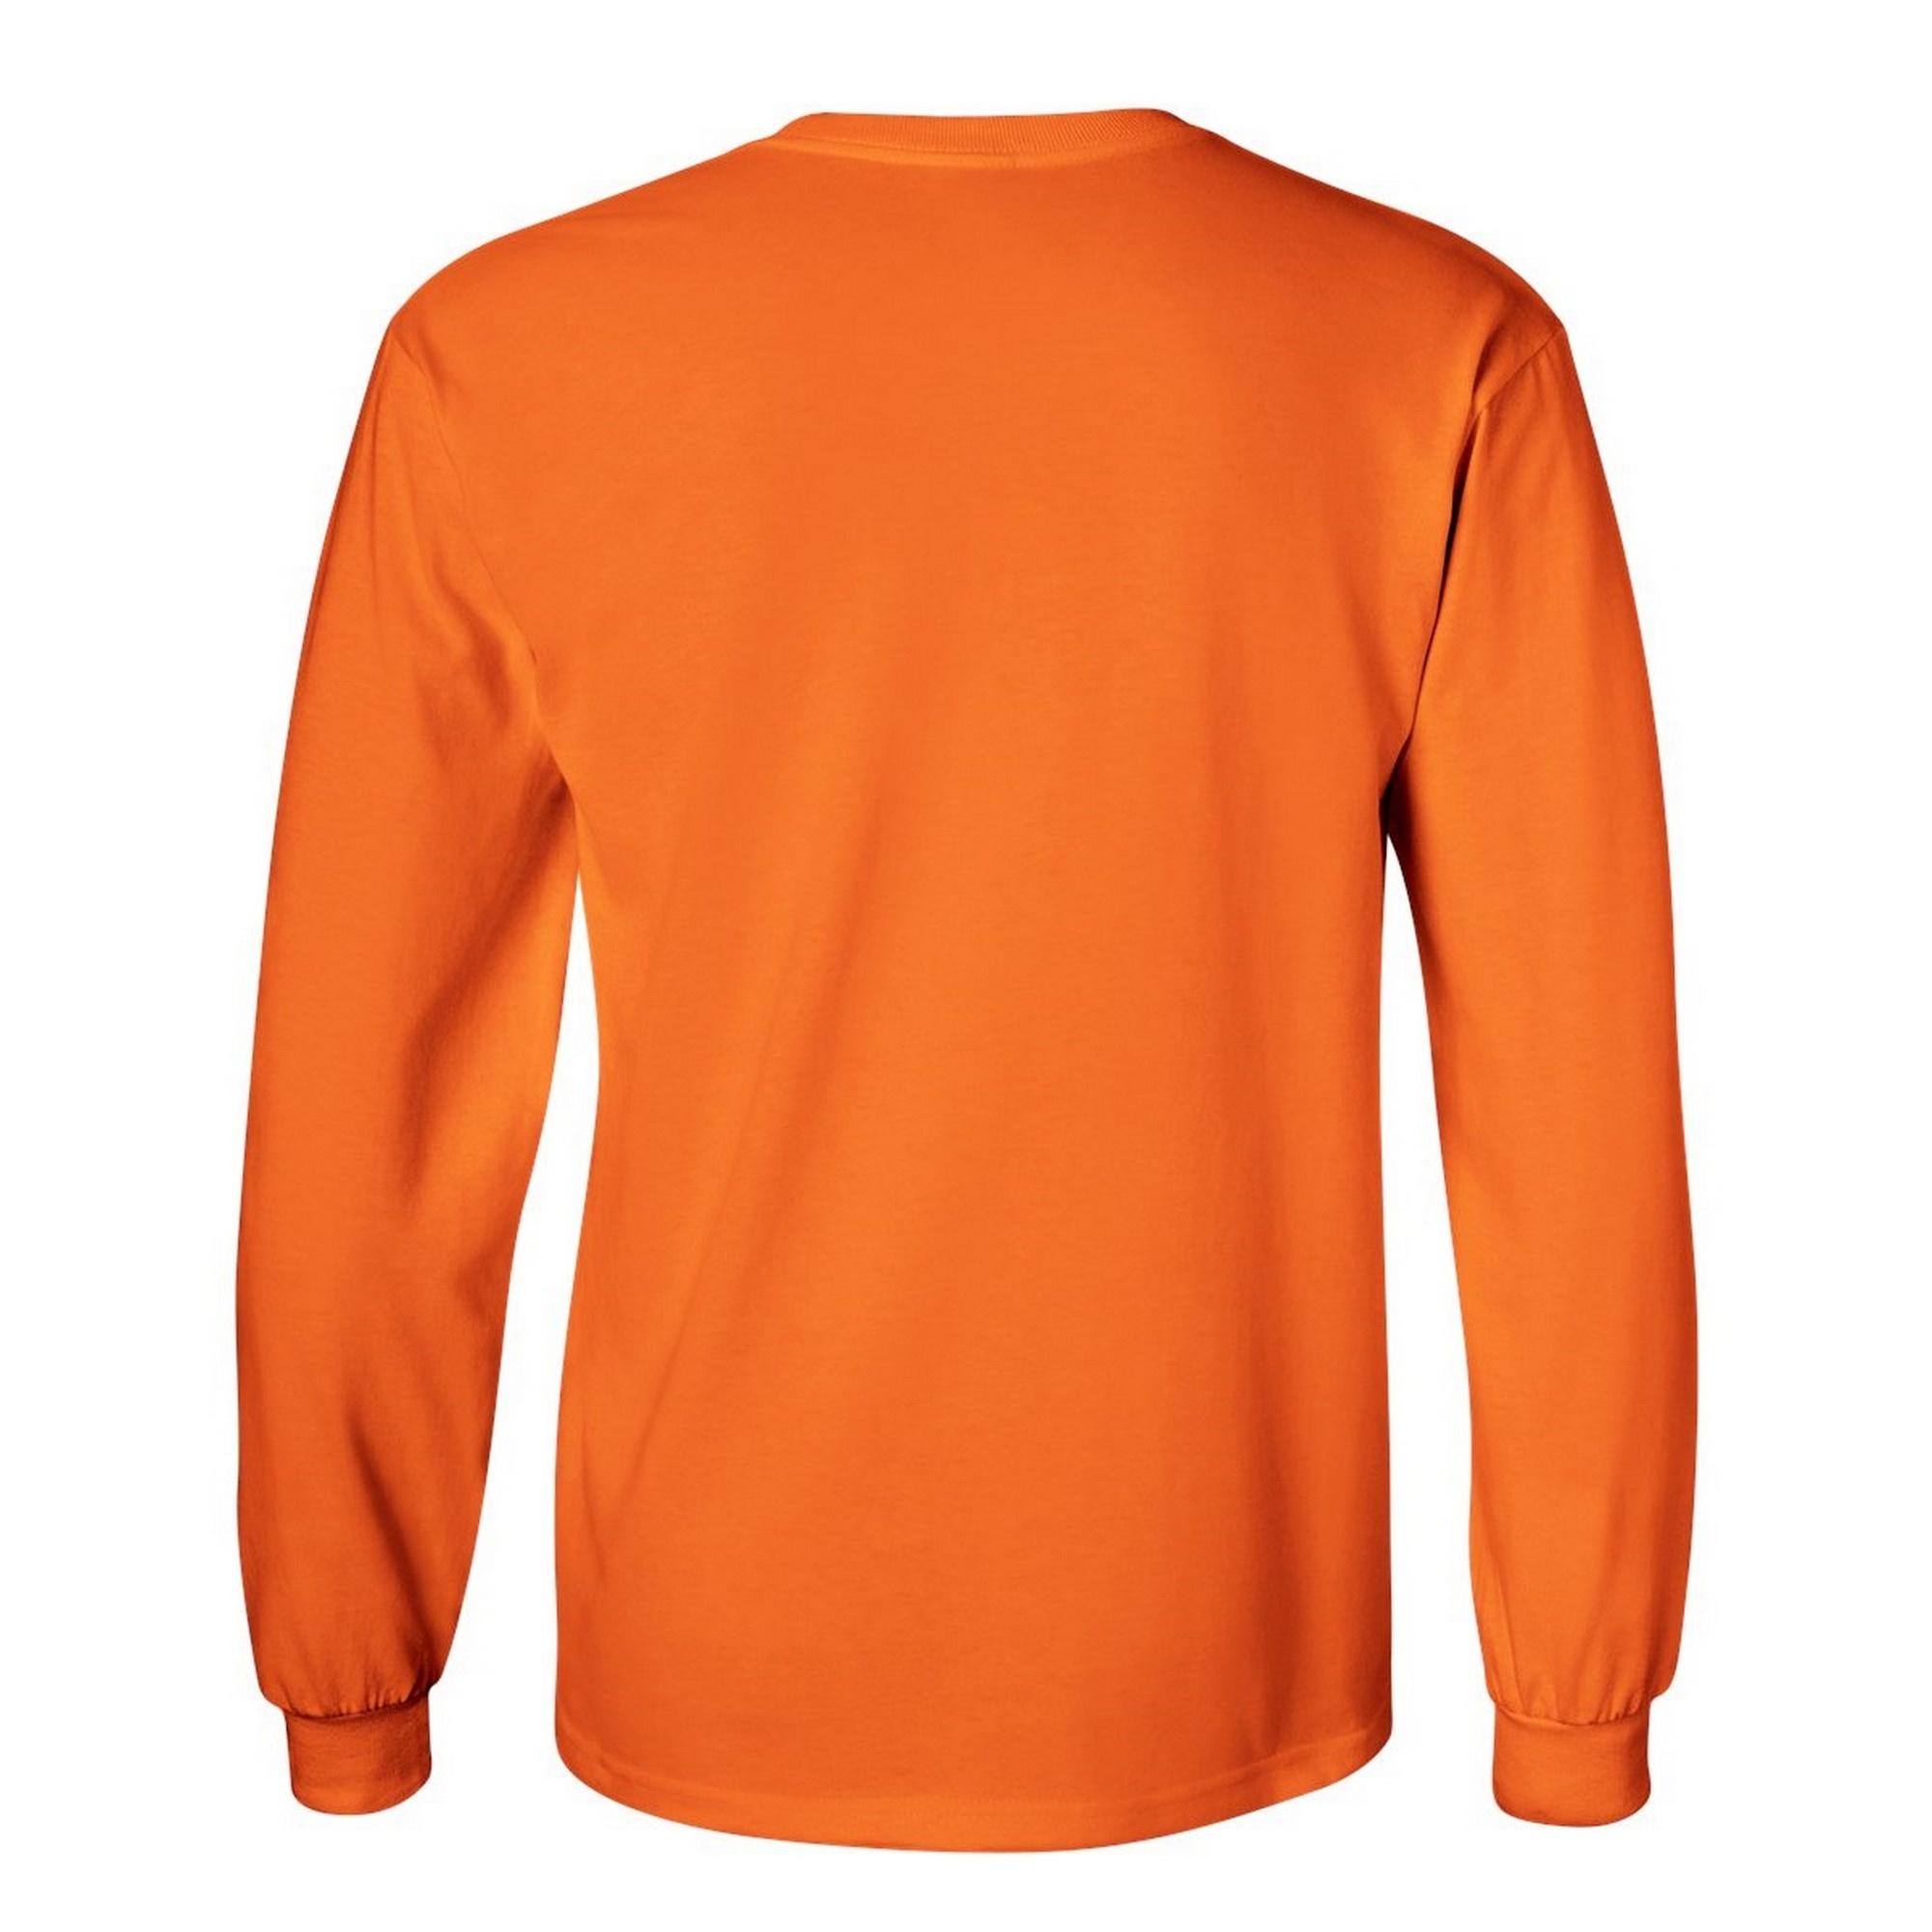 miniature 61 - T-shirt-uni-a-manches-longues-Gildan-100-coton-pour-homme-S-2XL-BC477